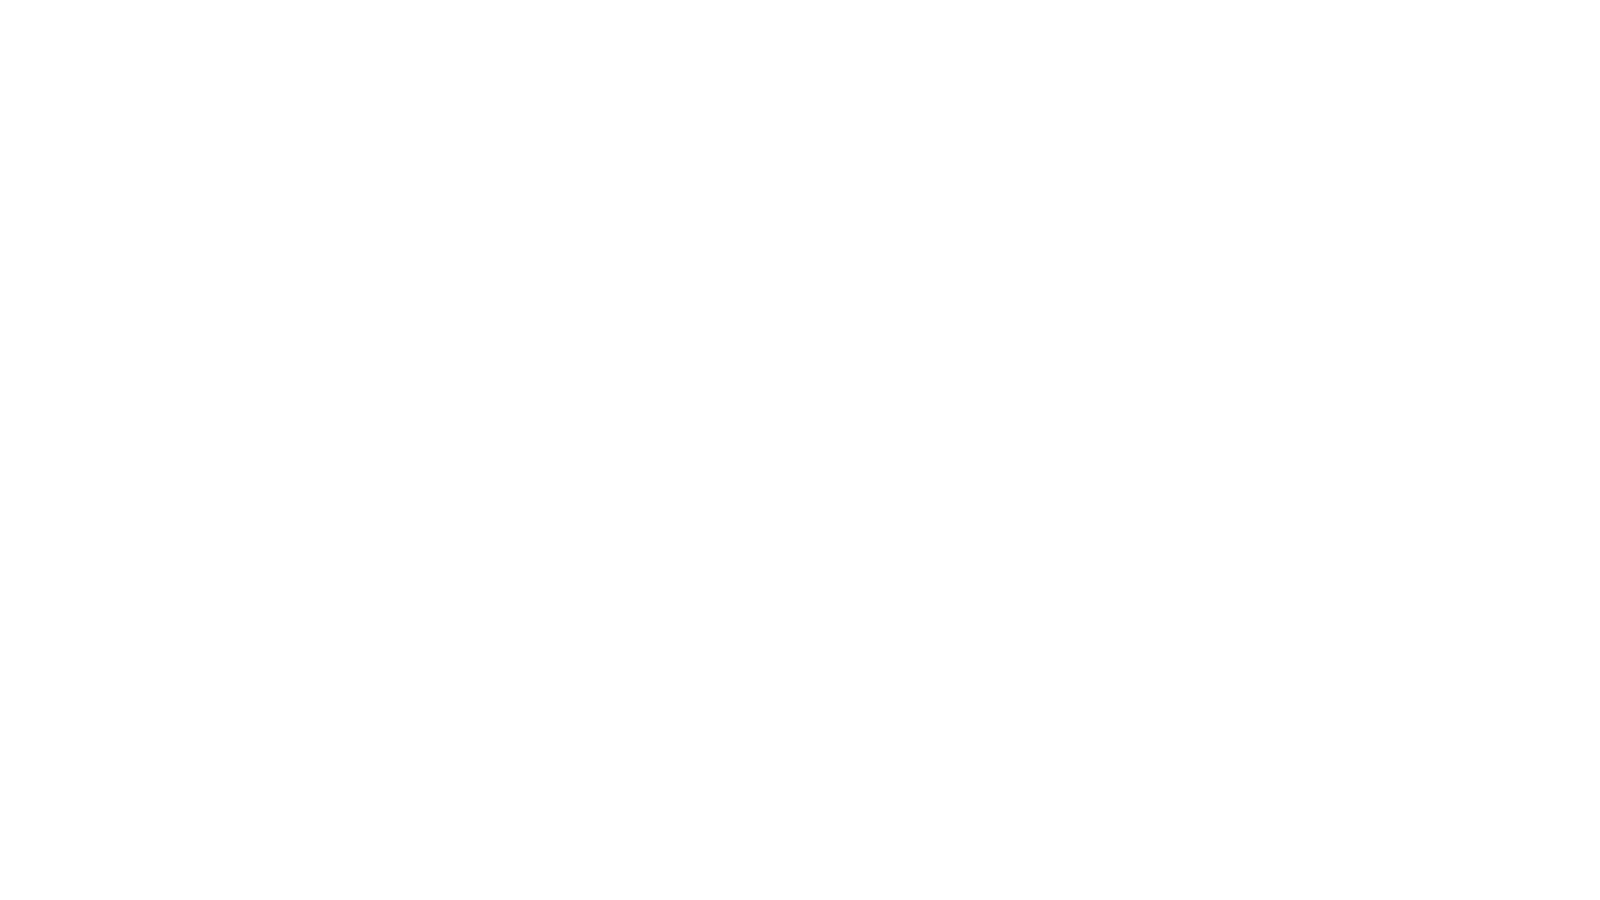 グロ注意  超星みるく、ネタ集  超星みるく公式Twitter https://mobile.twitter.com/mchan_para  超星みるく公式TikTok https://vt.tiktok.com/ZSeRXXrpN/  超星みるく公式Instagram https://instagram.com/mchan_dayo_02